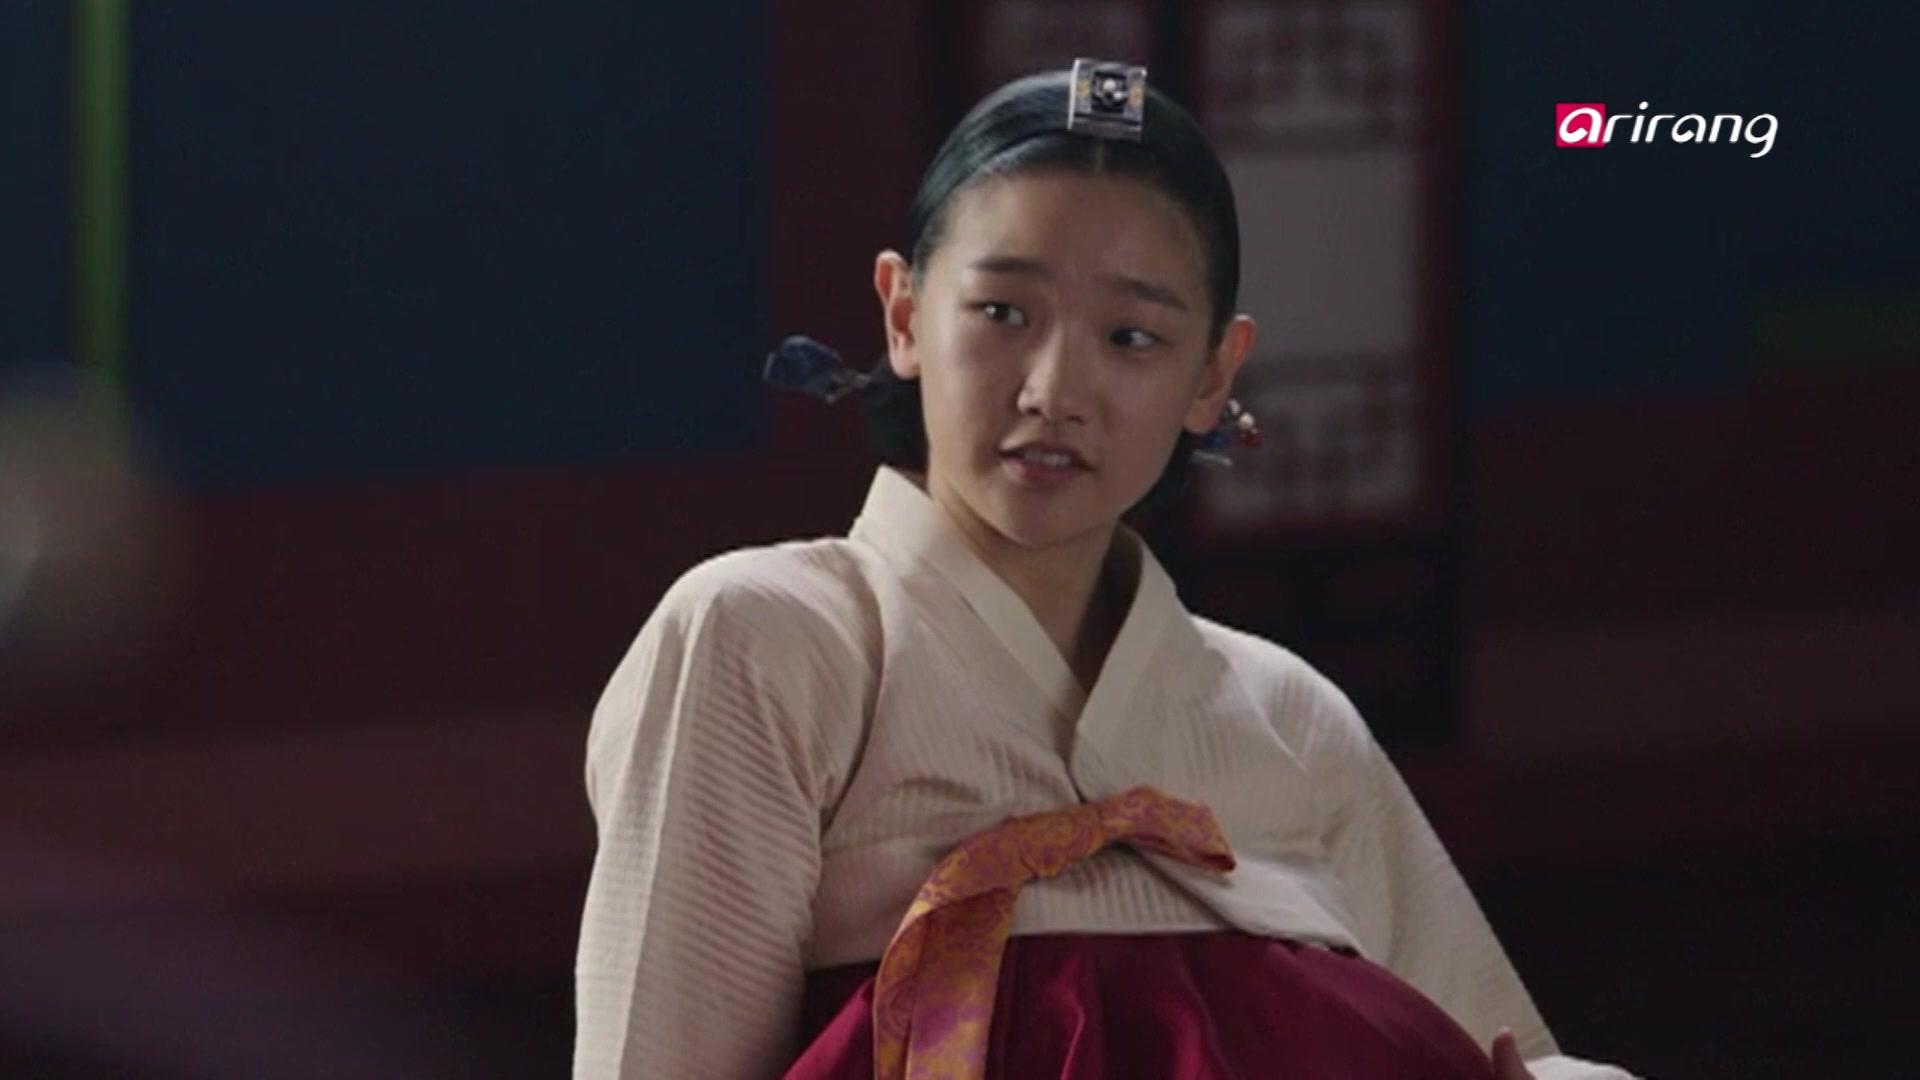 Jung Il Woo, Ahn Jae Hyun to Star in a New Drama